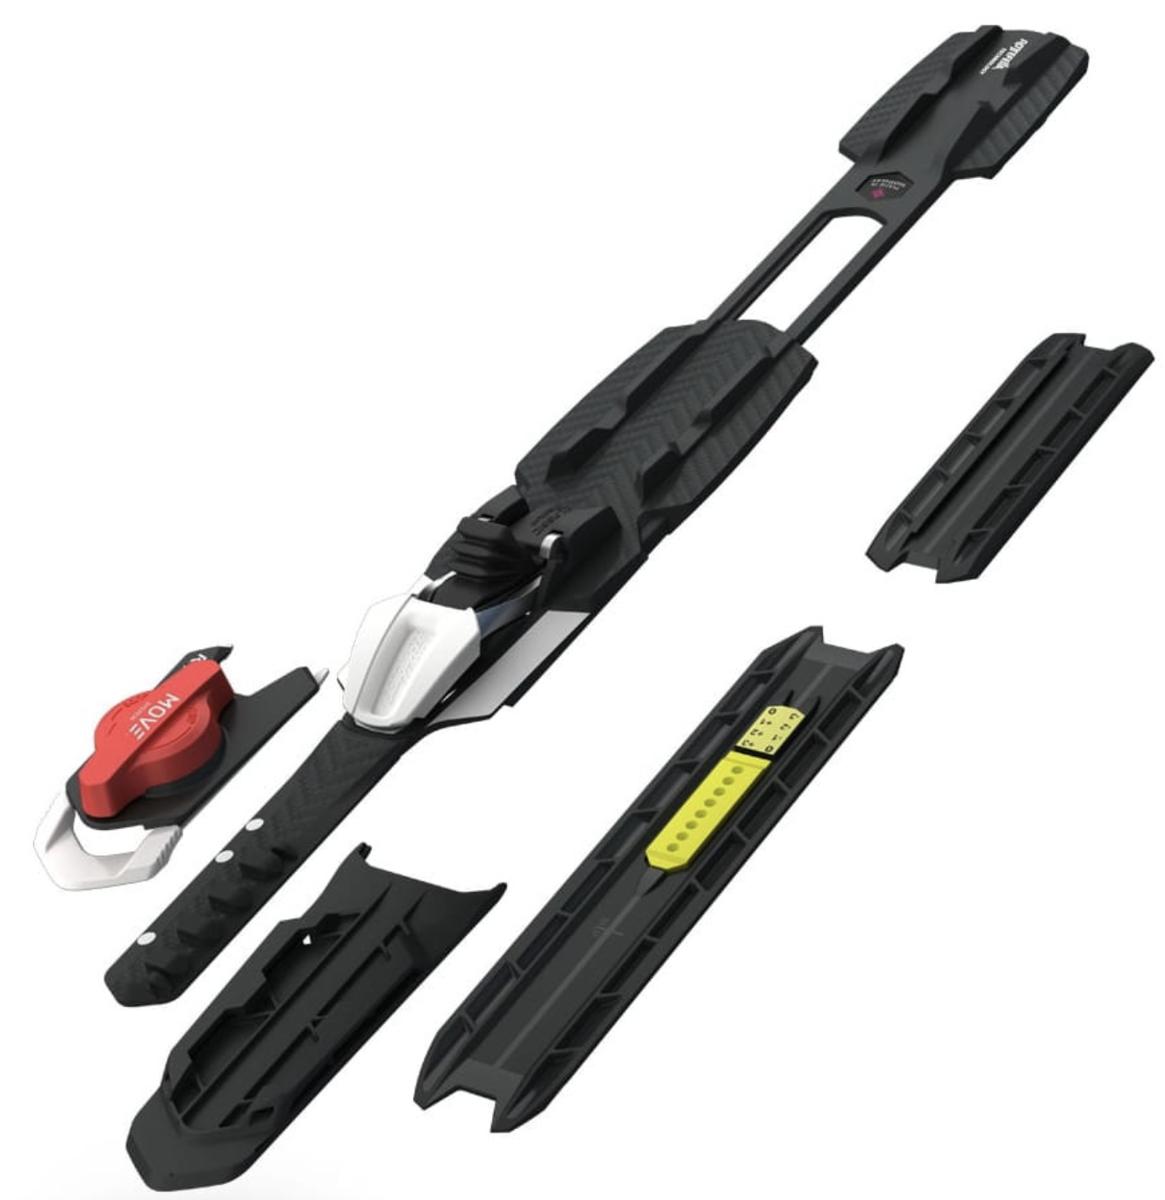 Bilde av Rottefella  Rottefella MOVE Switch Kit for IFP*